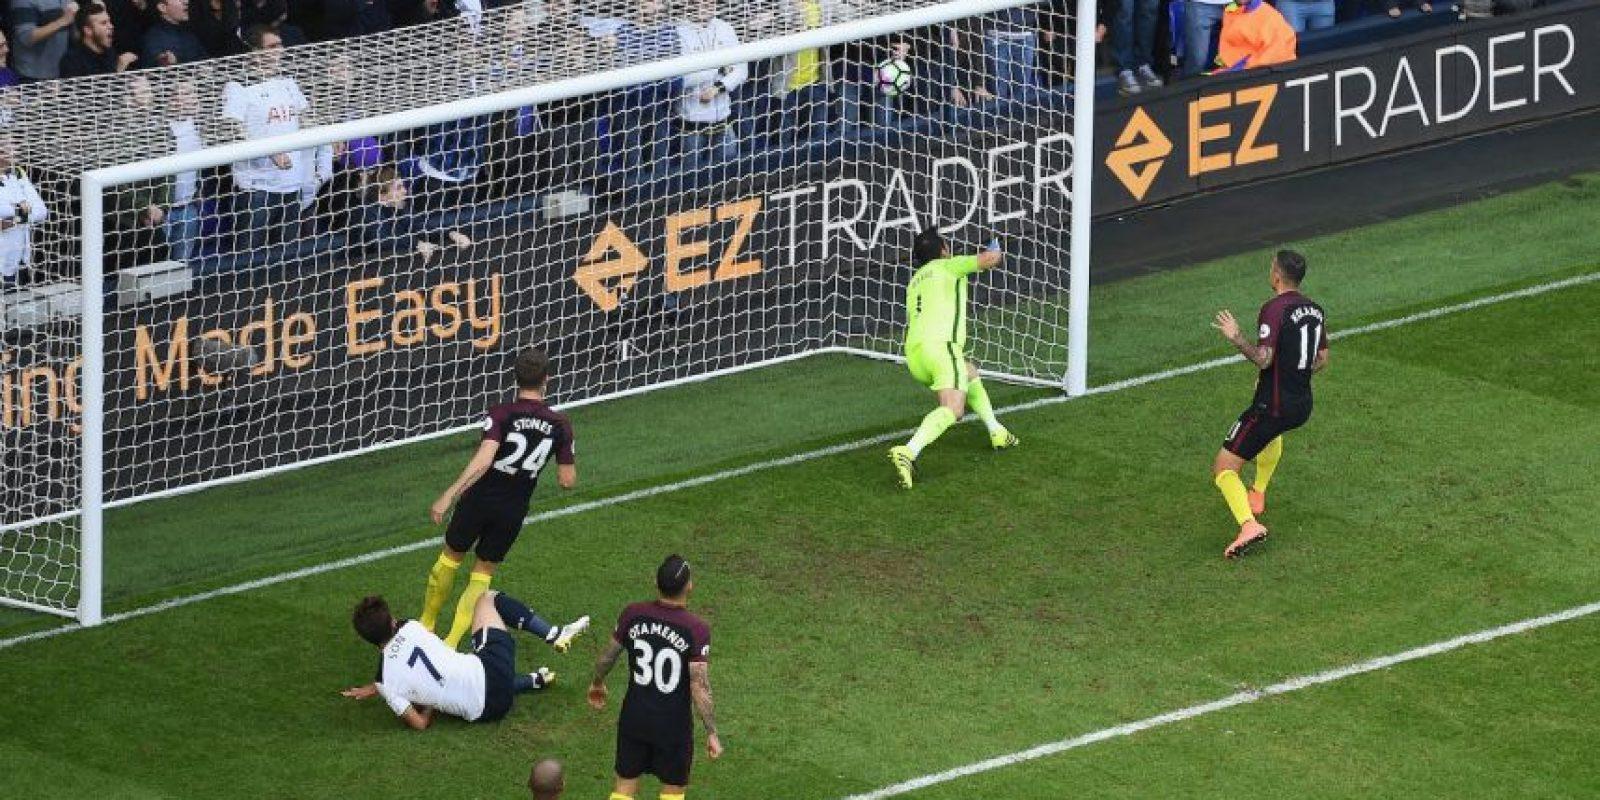 Foto:Tottenham fue el segundo partido sin ganar de Manchester City. Cayeron por 2 a 0